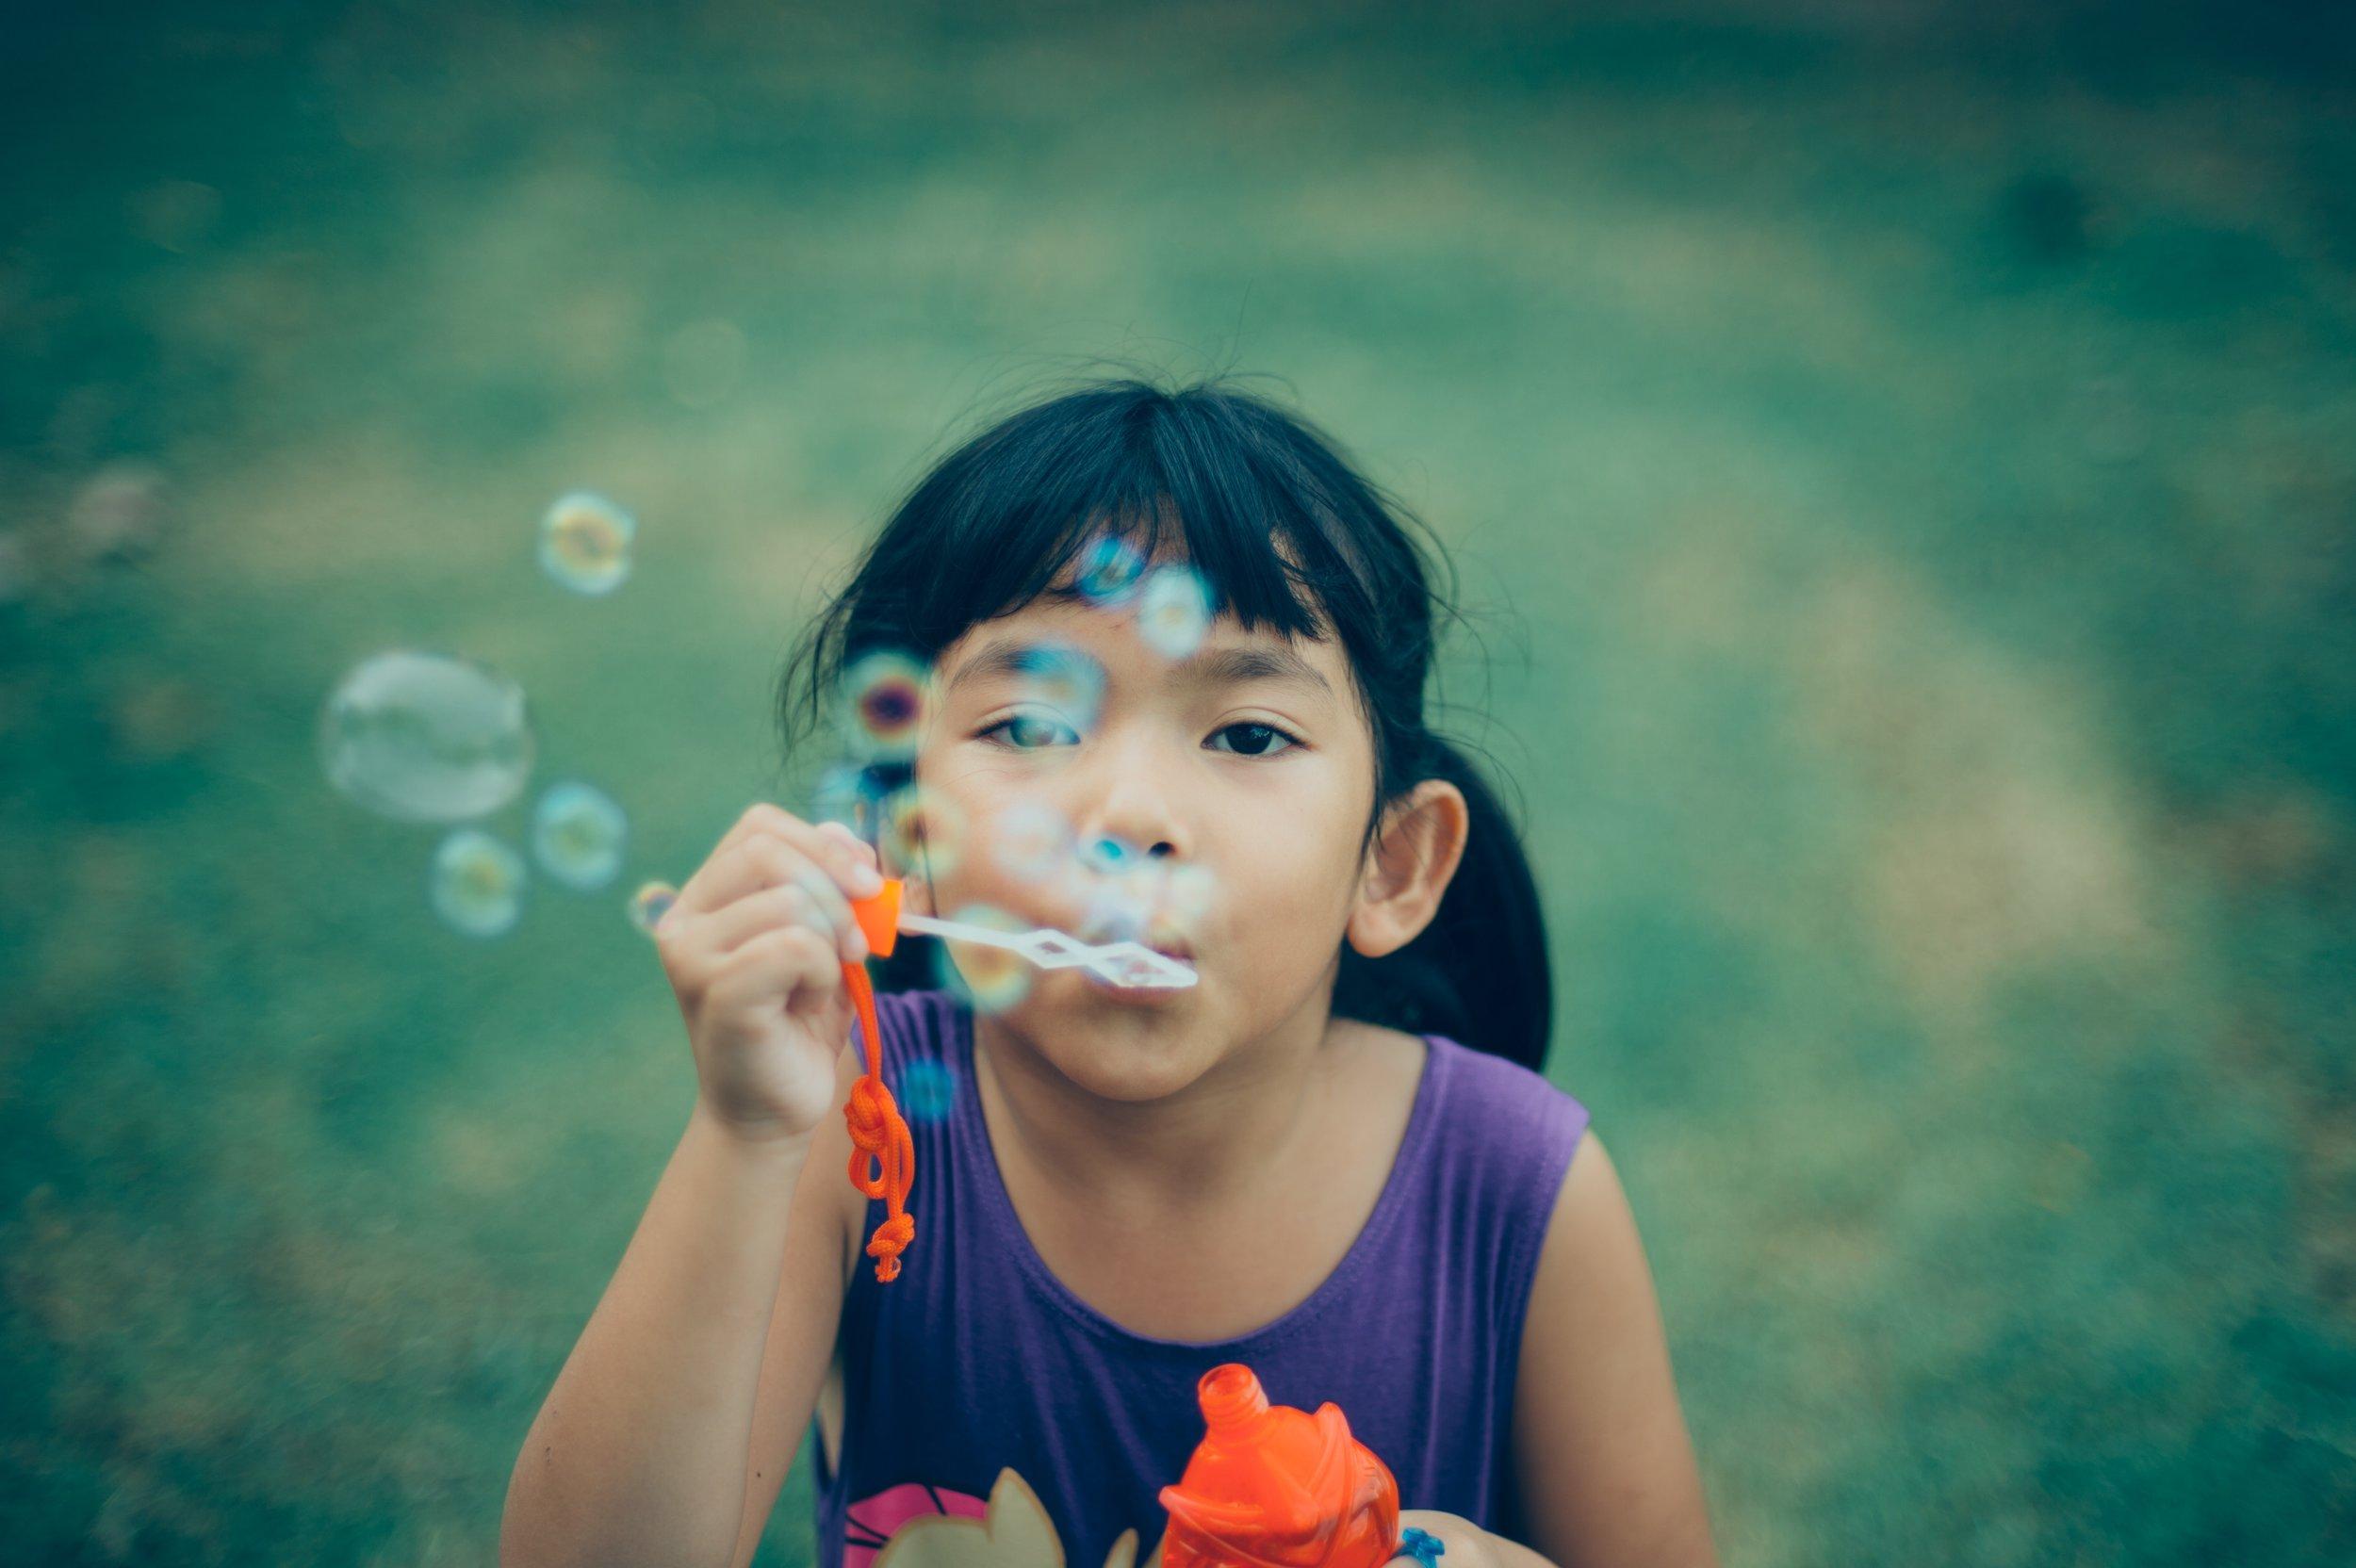 adorable-bubbles-child-333529.jpg